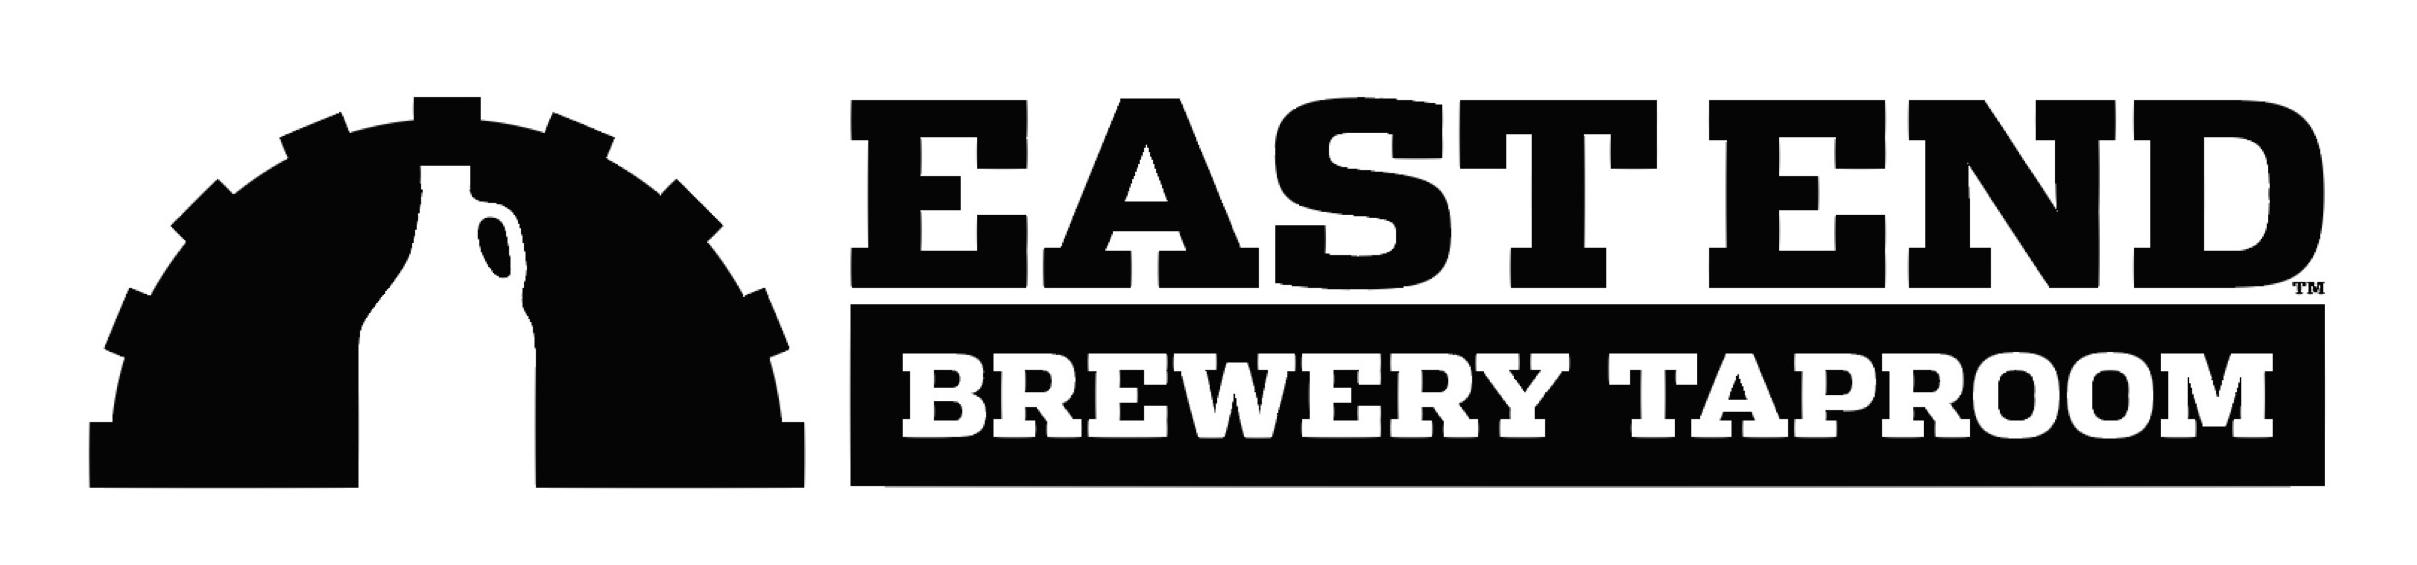 East End Brewery Taproom horizontal.jpg